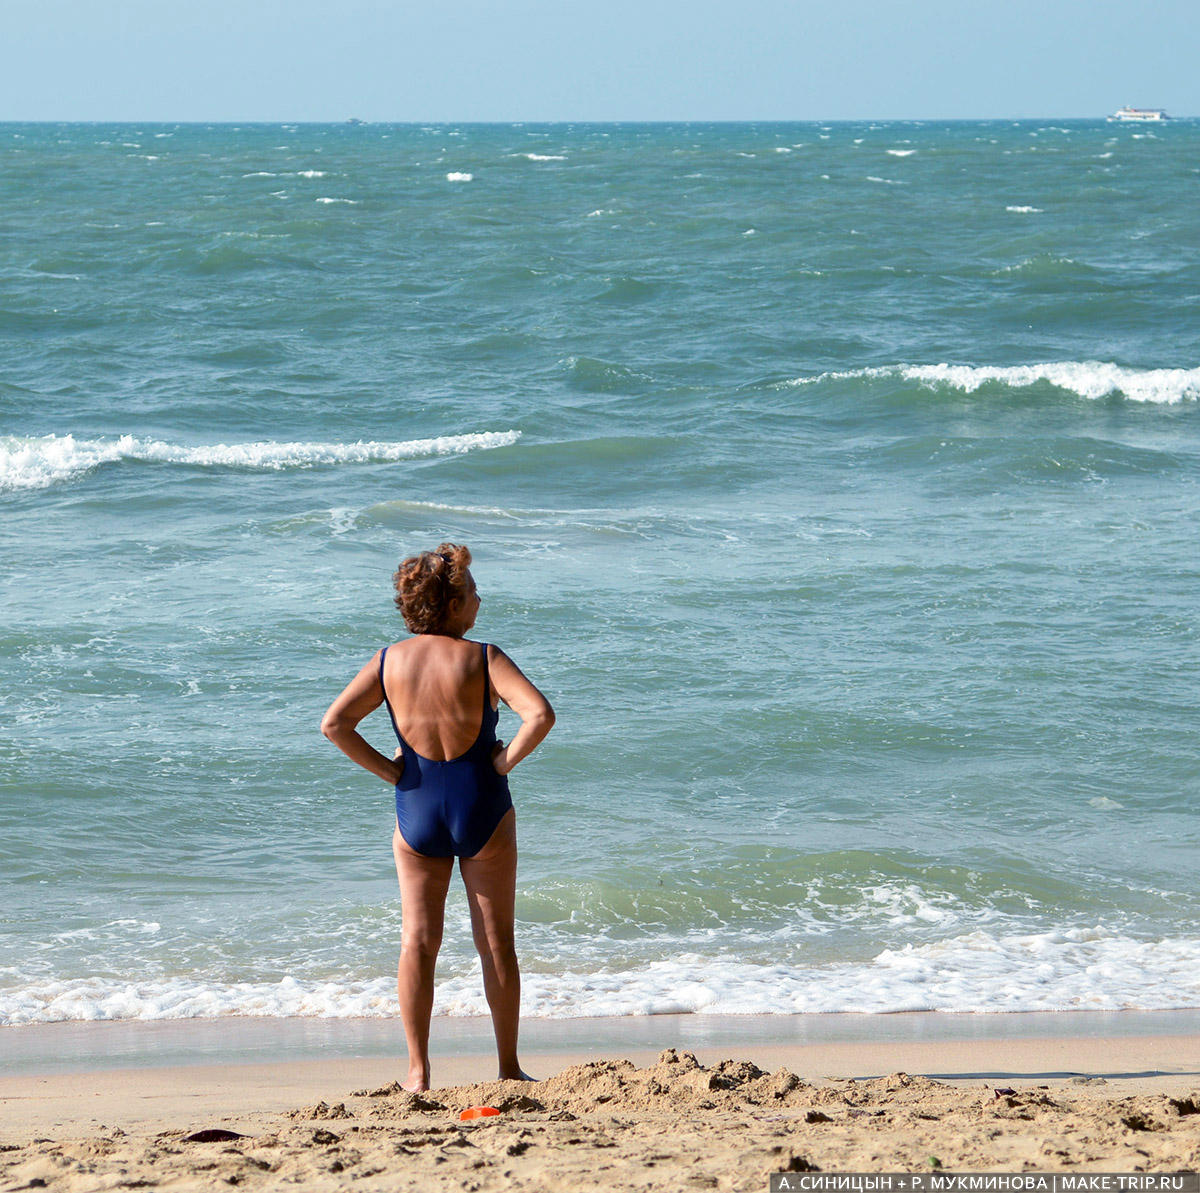 Пляж Паттайя Бич - центральный пляж Паттайи